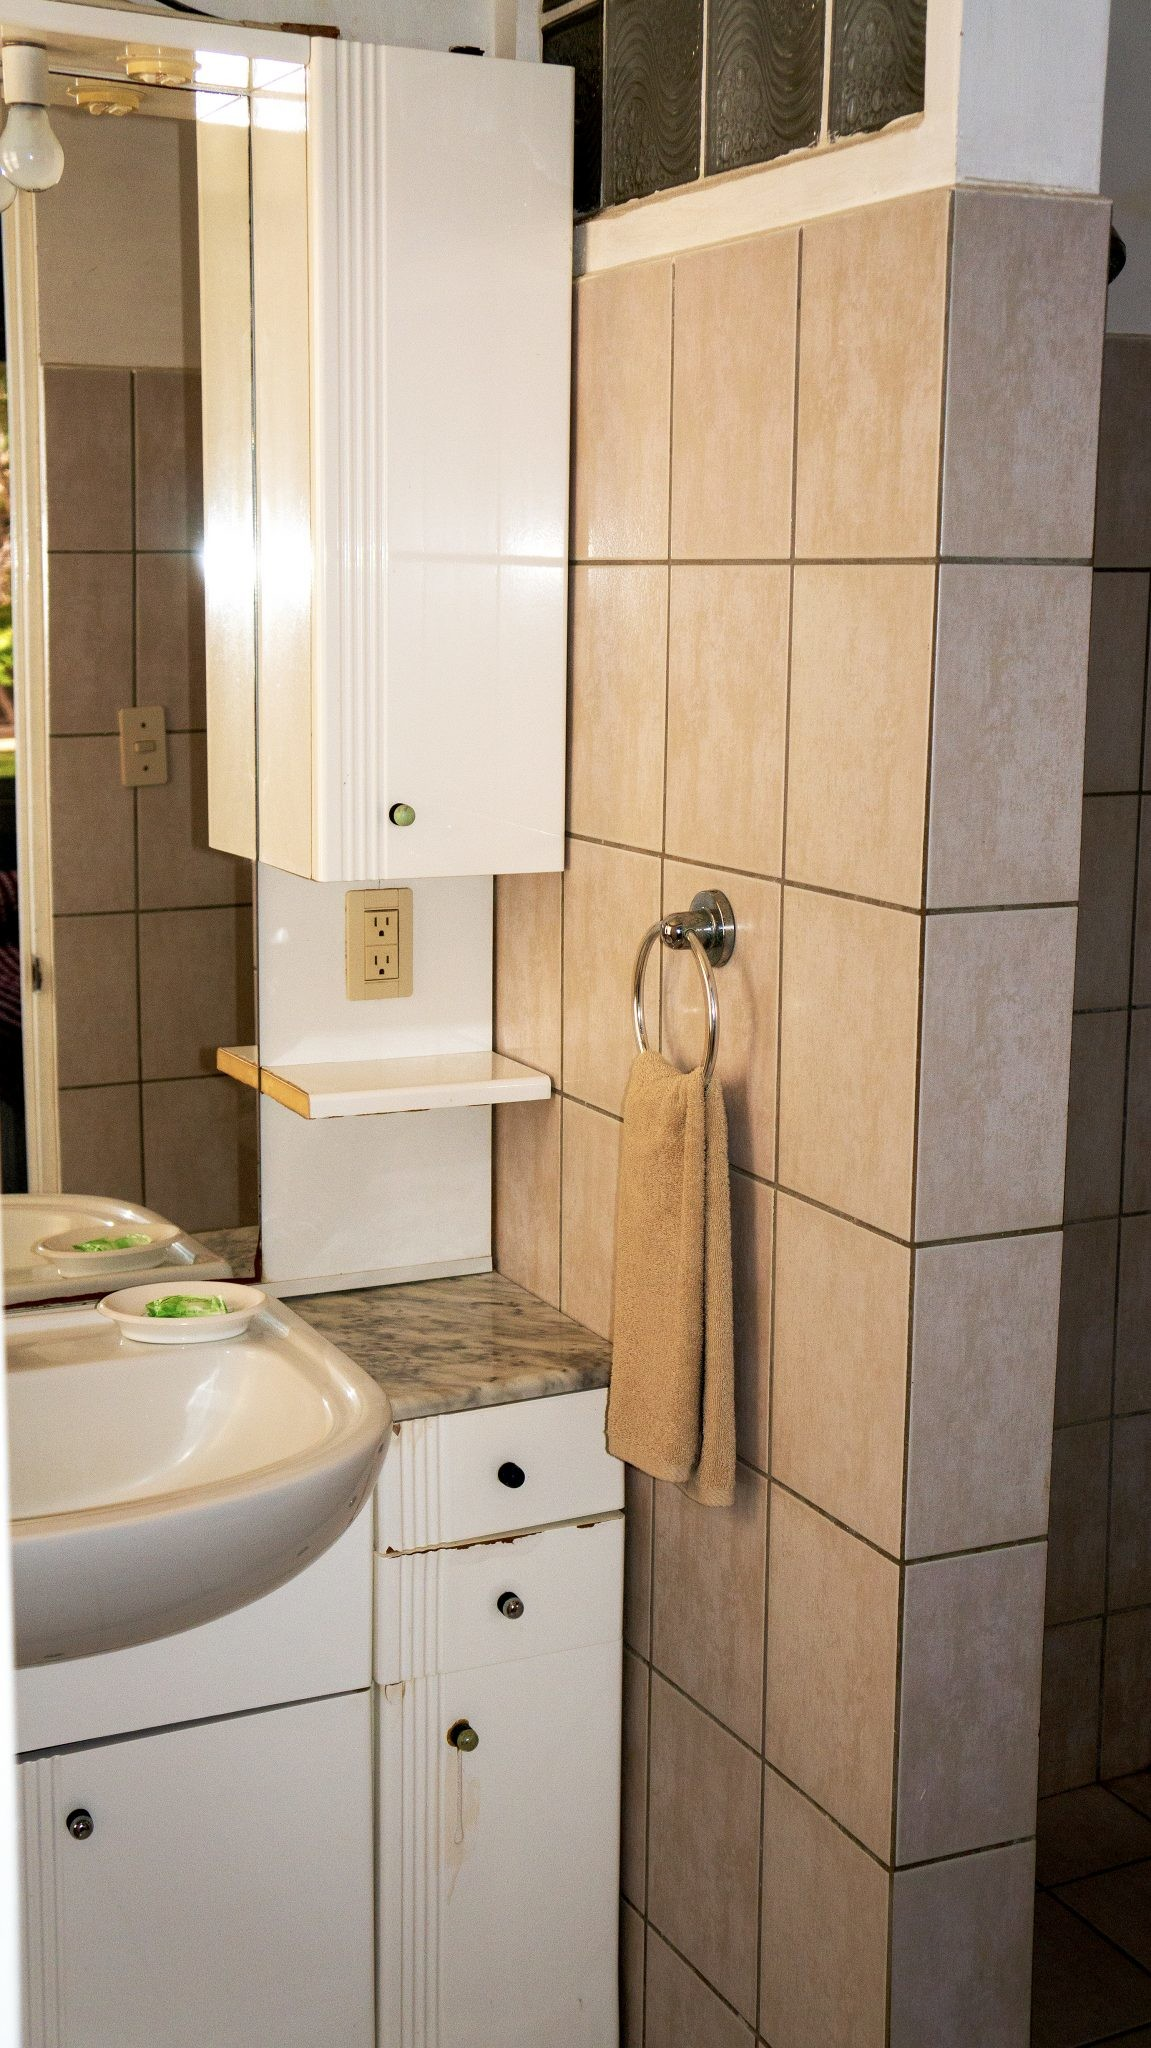 BL30 - Bathroom